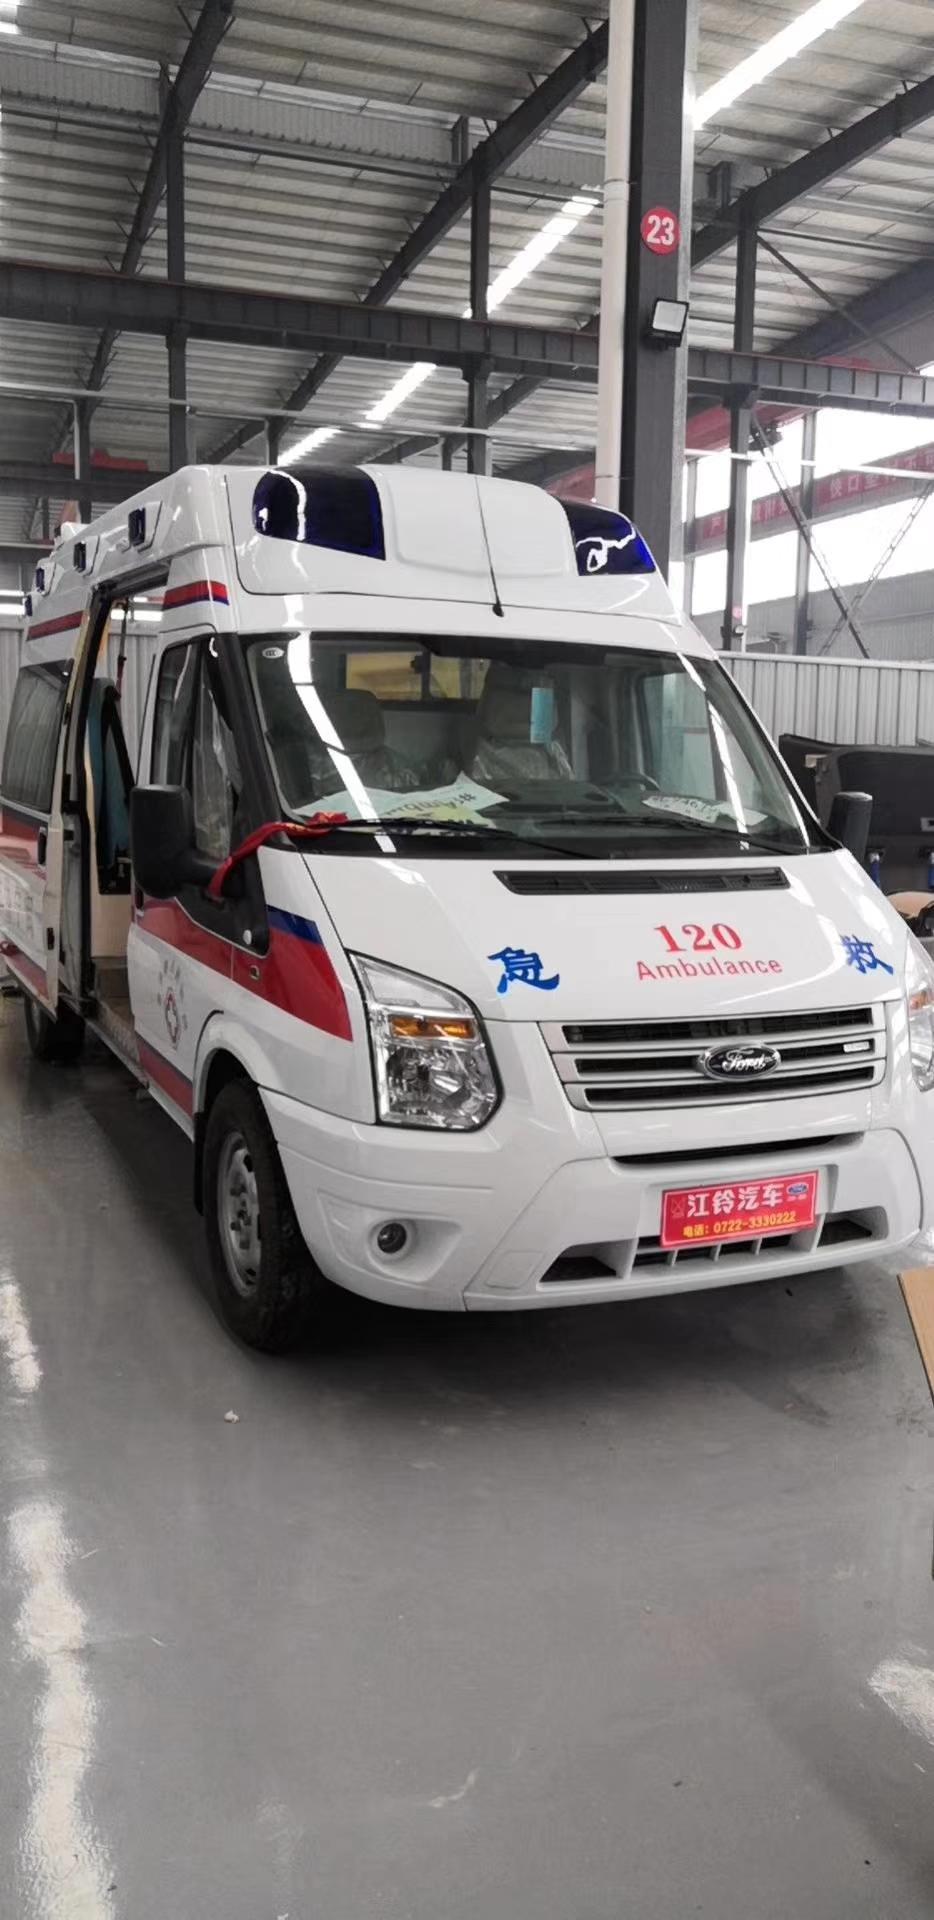 防疫型救护车视频